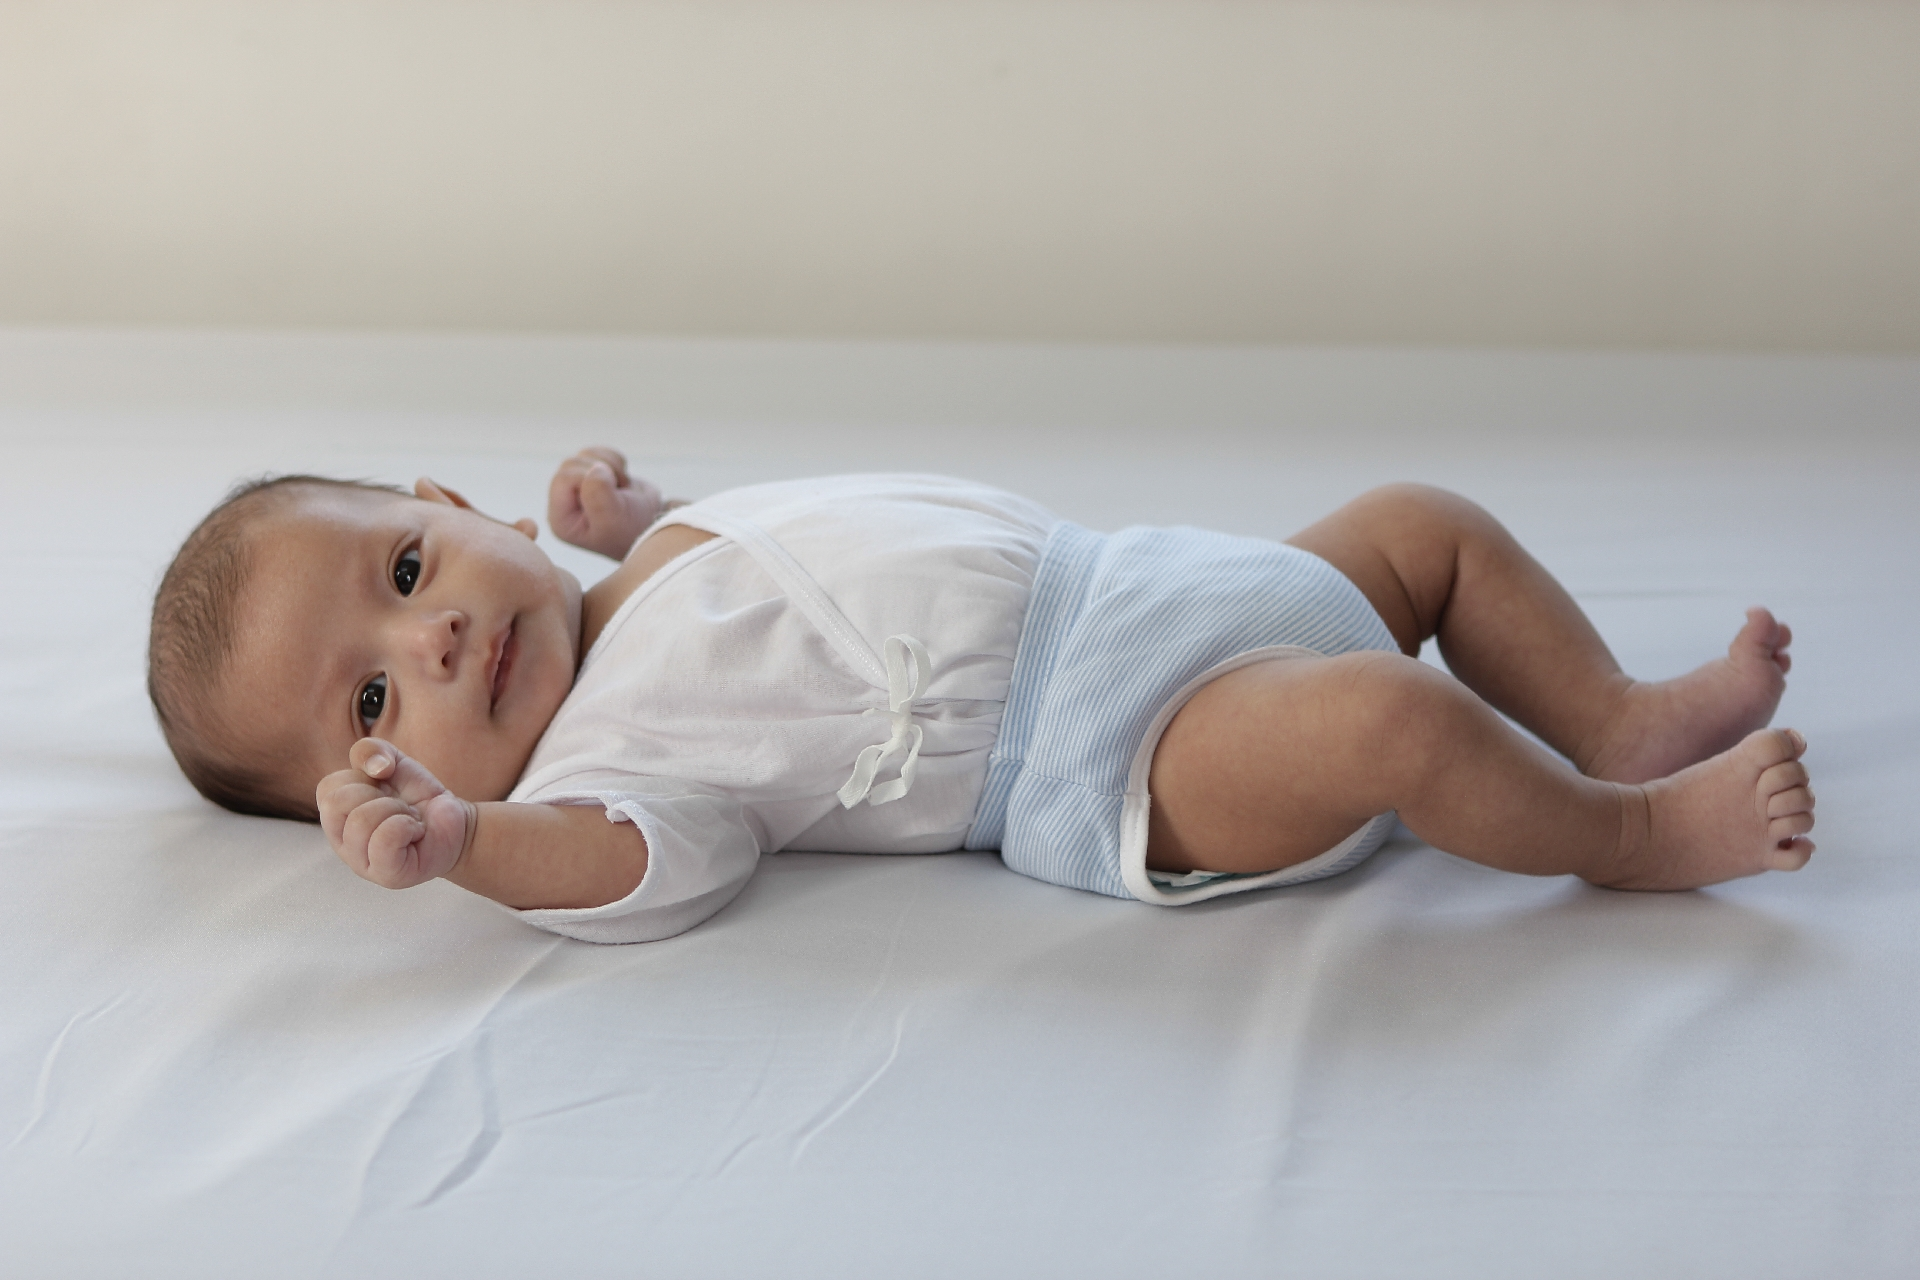 赤ちゃんがおむつかぶれになった時の対処法。皮膚科の薬と市販薬はどちらが良いの?